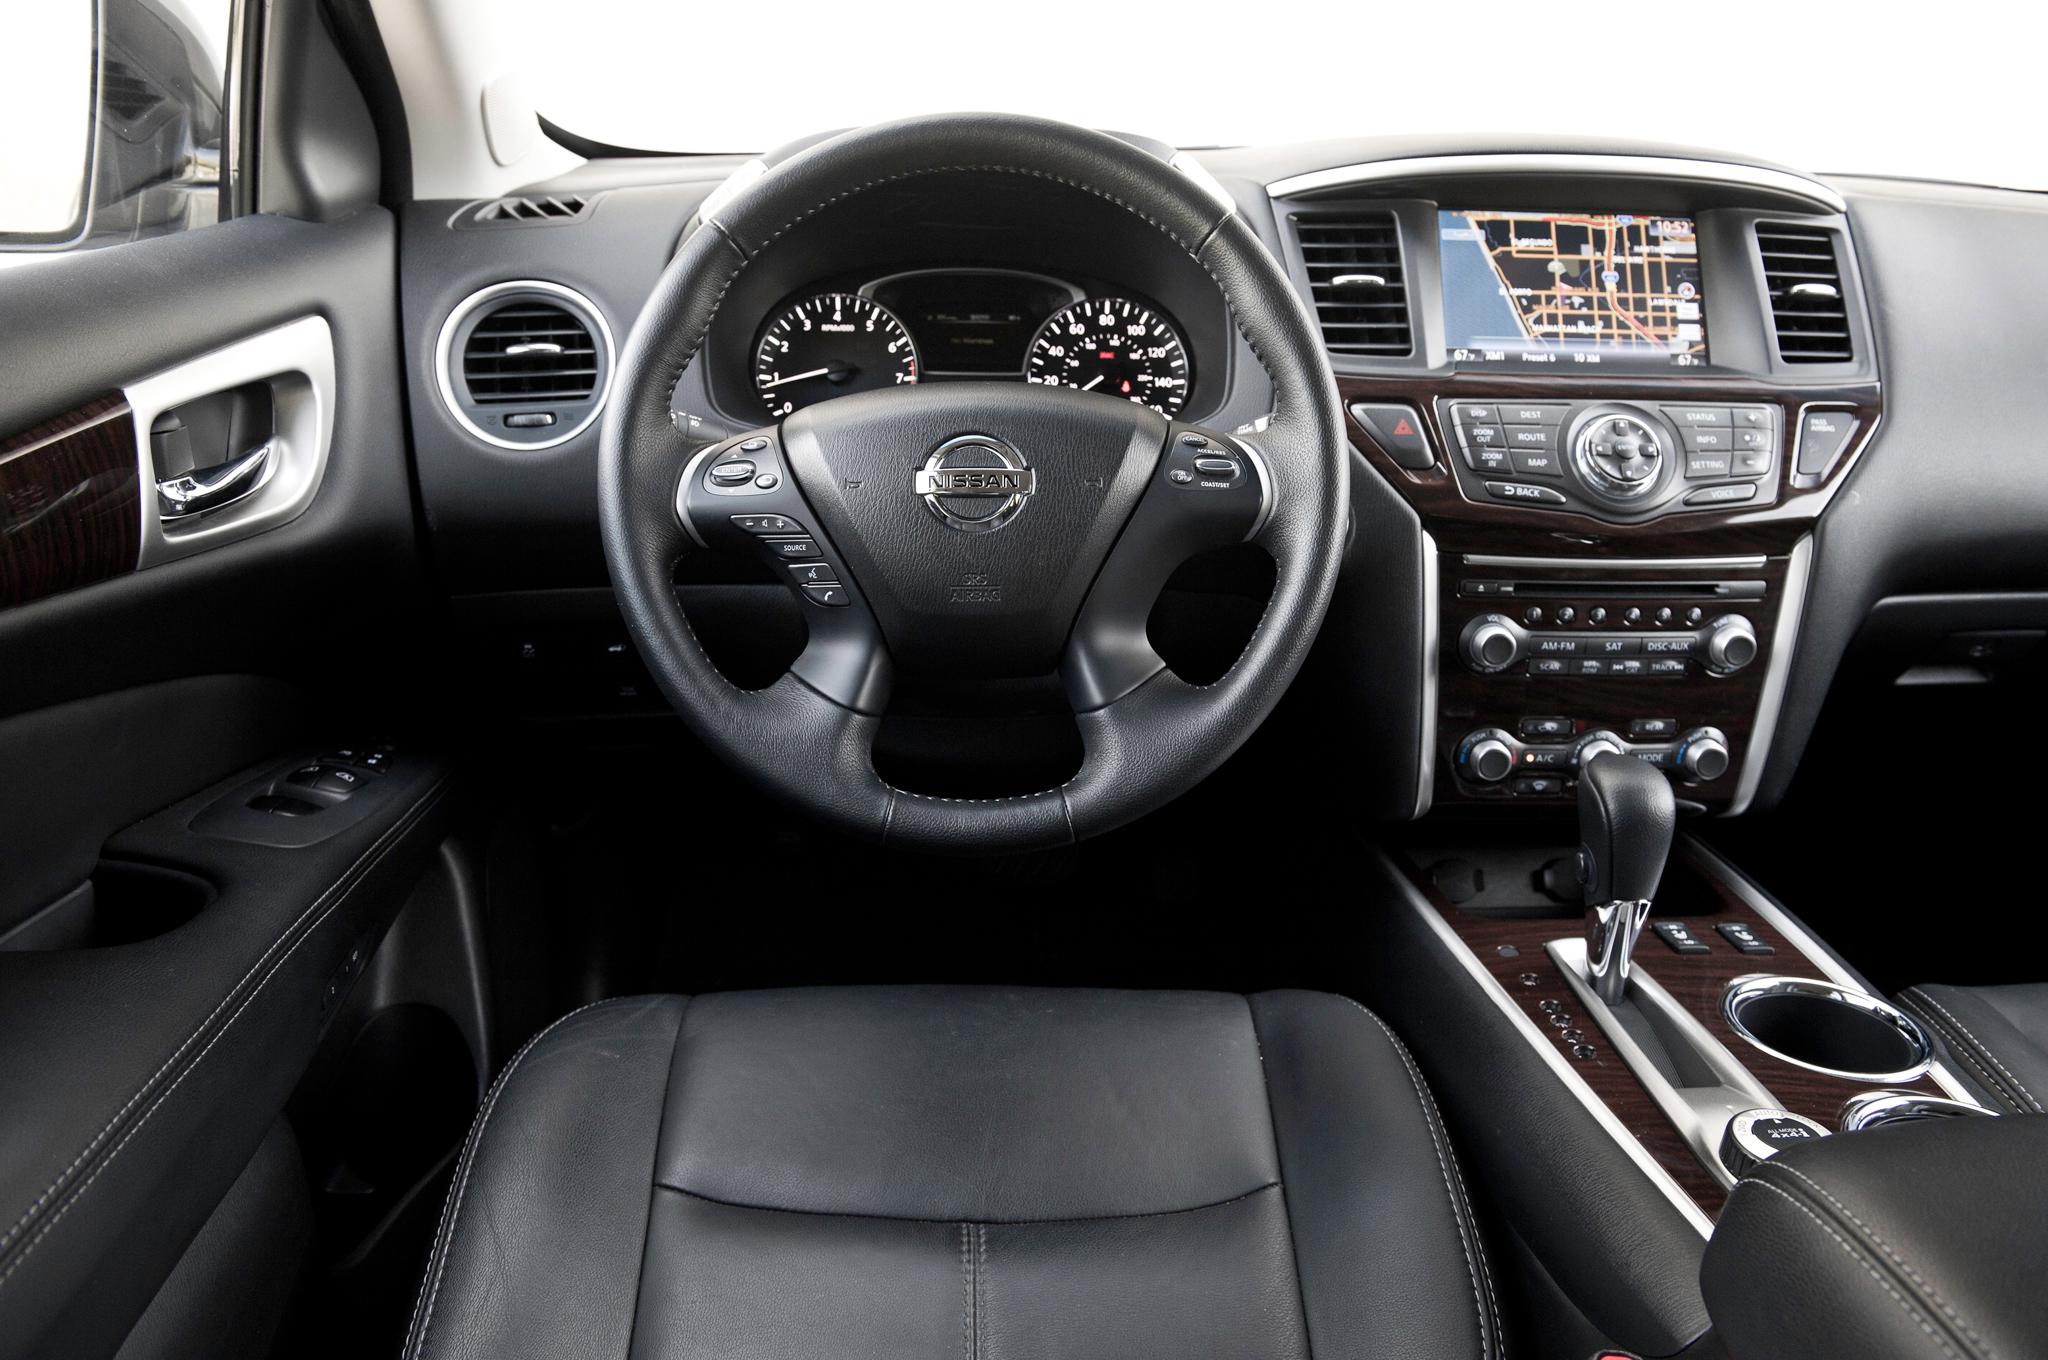 2014 Nissan Pathfinder 4X4 gallery